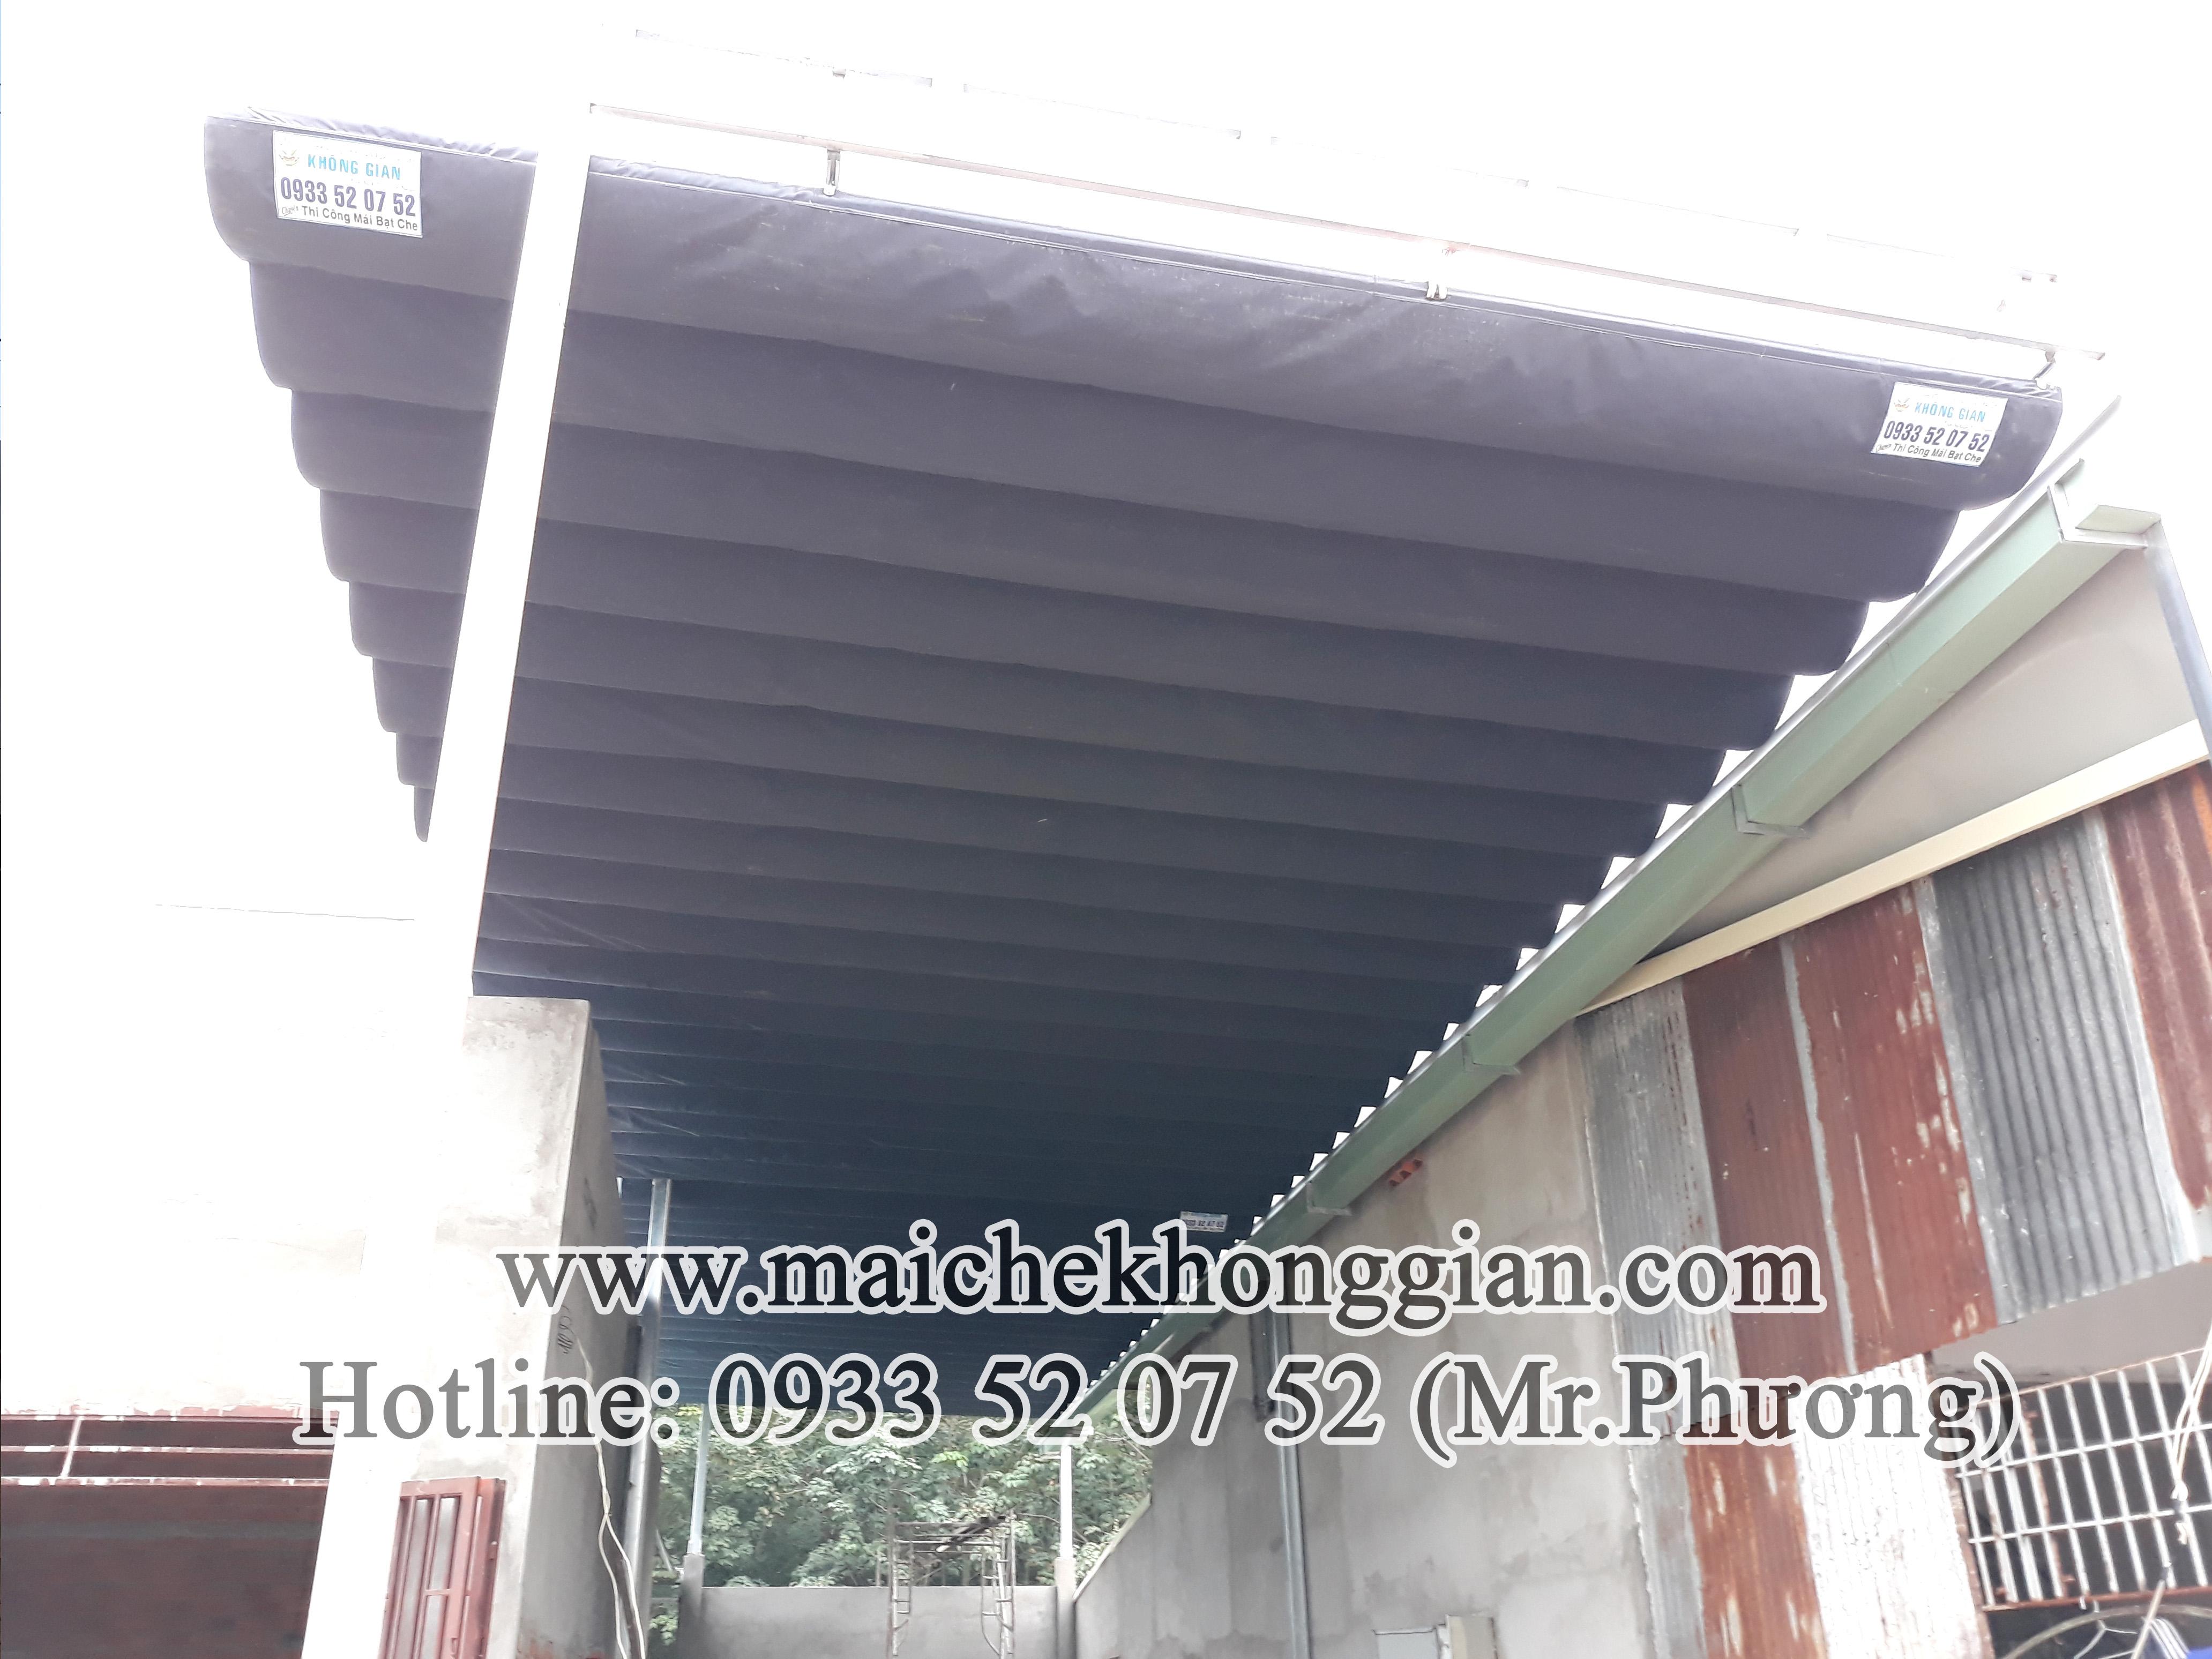 Mái che Bến Cầu Tây Ninh